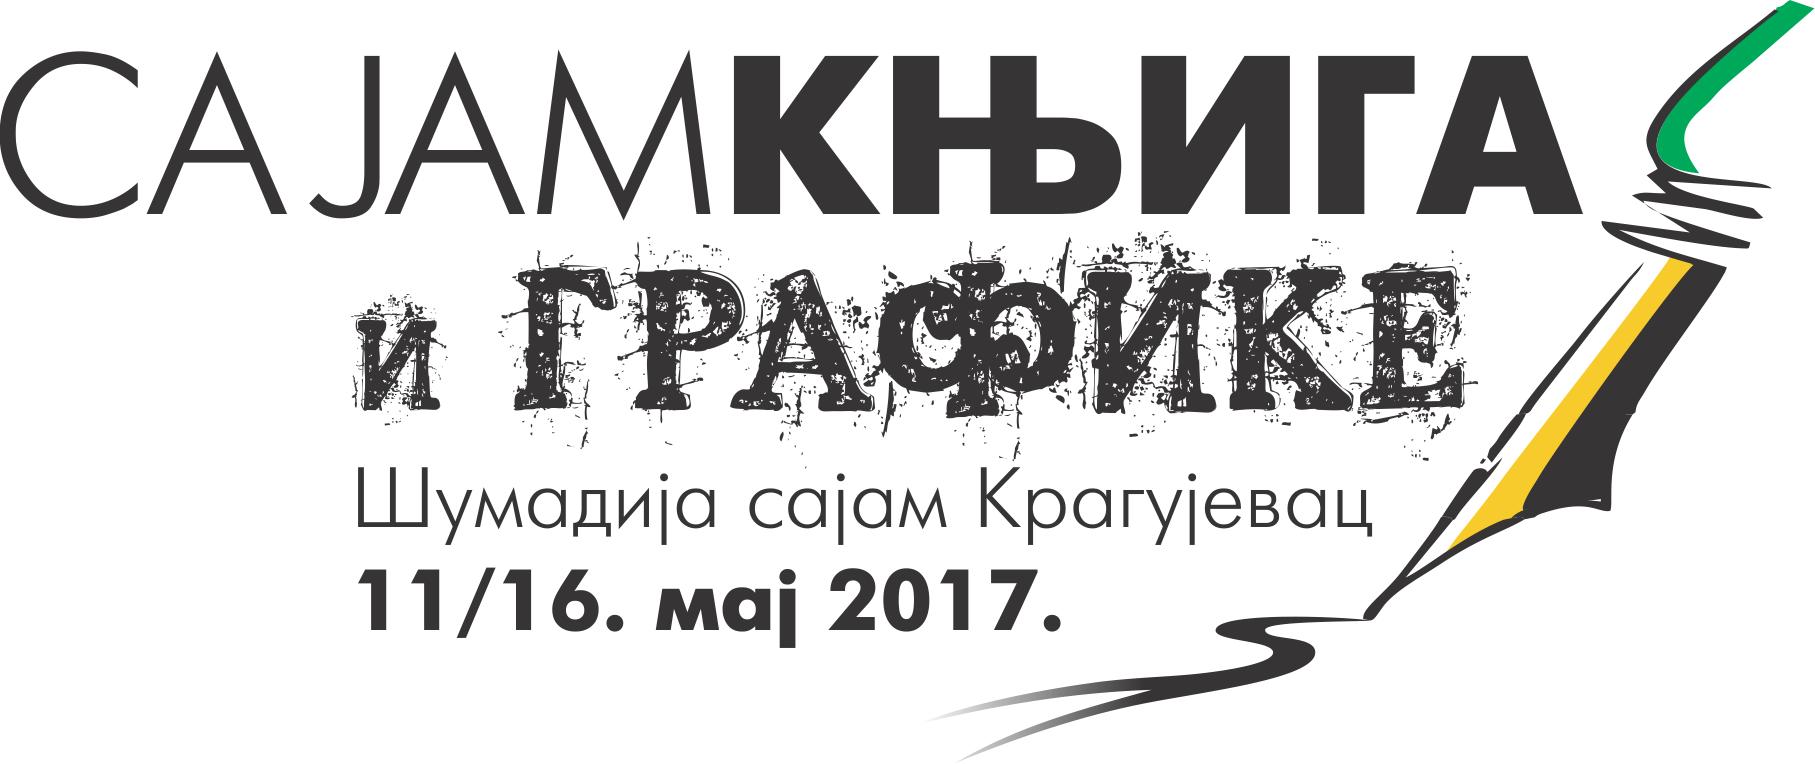 sajam knjiga logo 2017